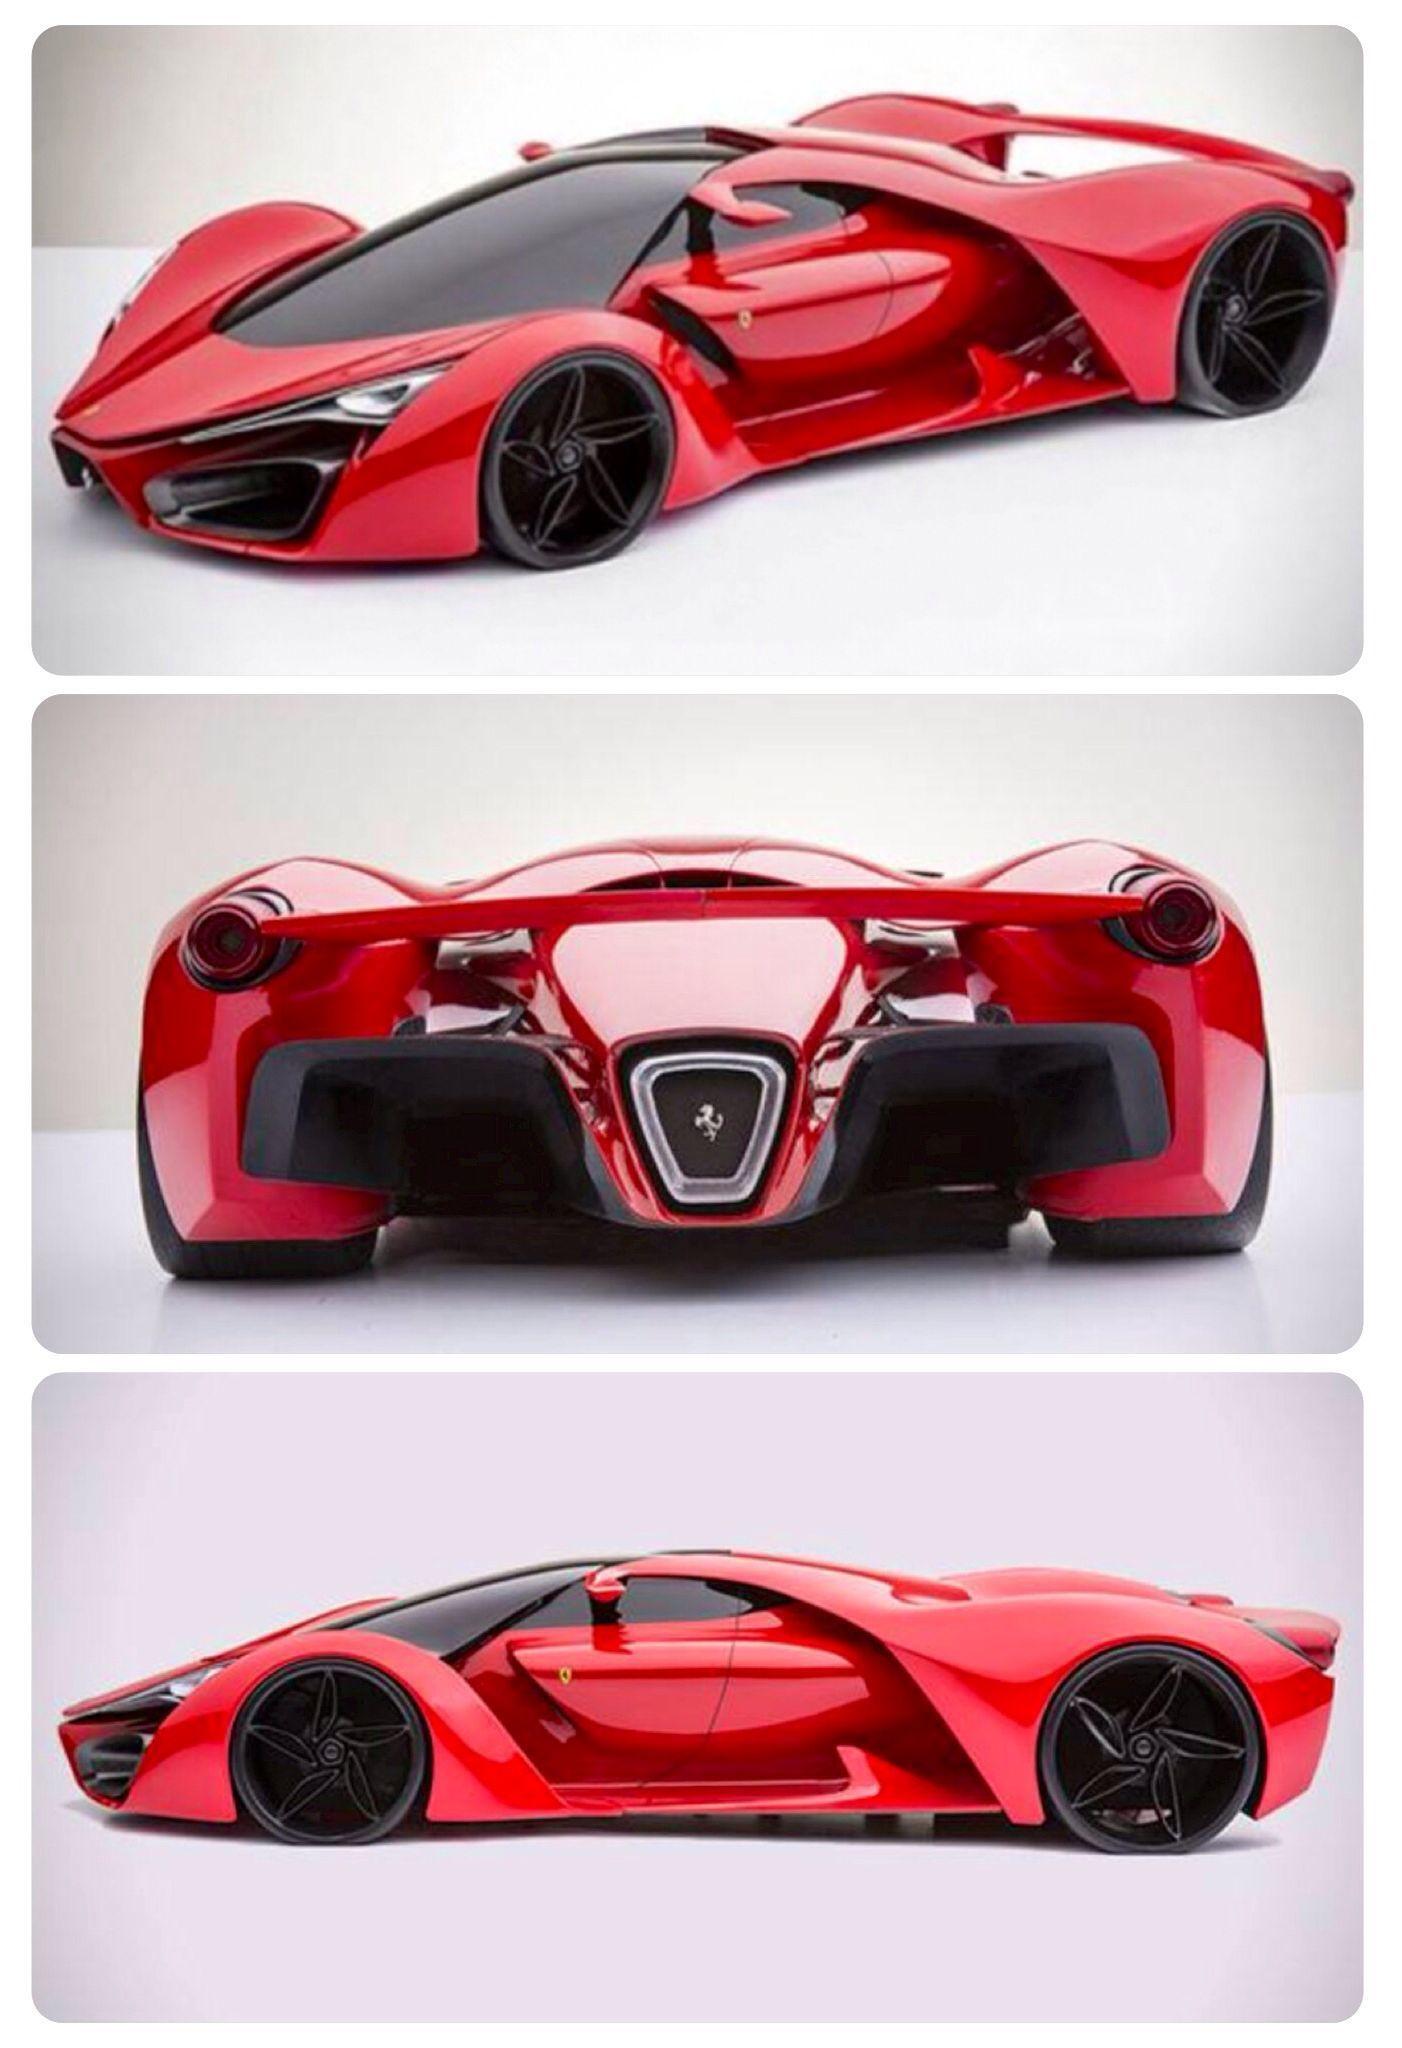 Photo of Ferrari concept #ferrarif80 Ferrari concept #conceptcars Ferrari concept #ferrar…